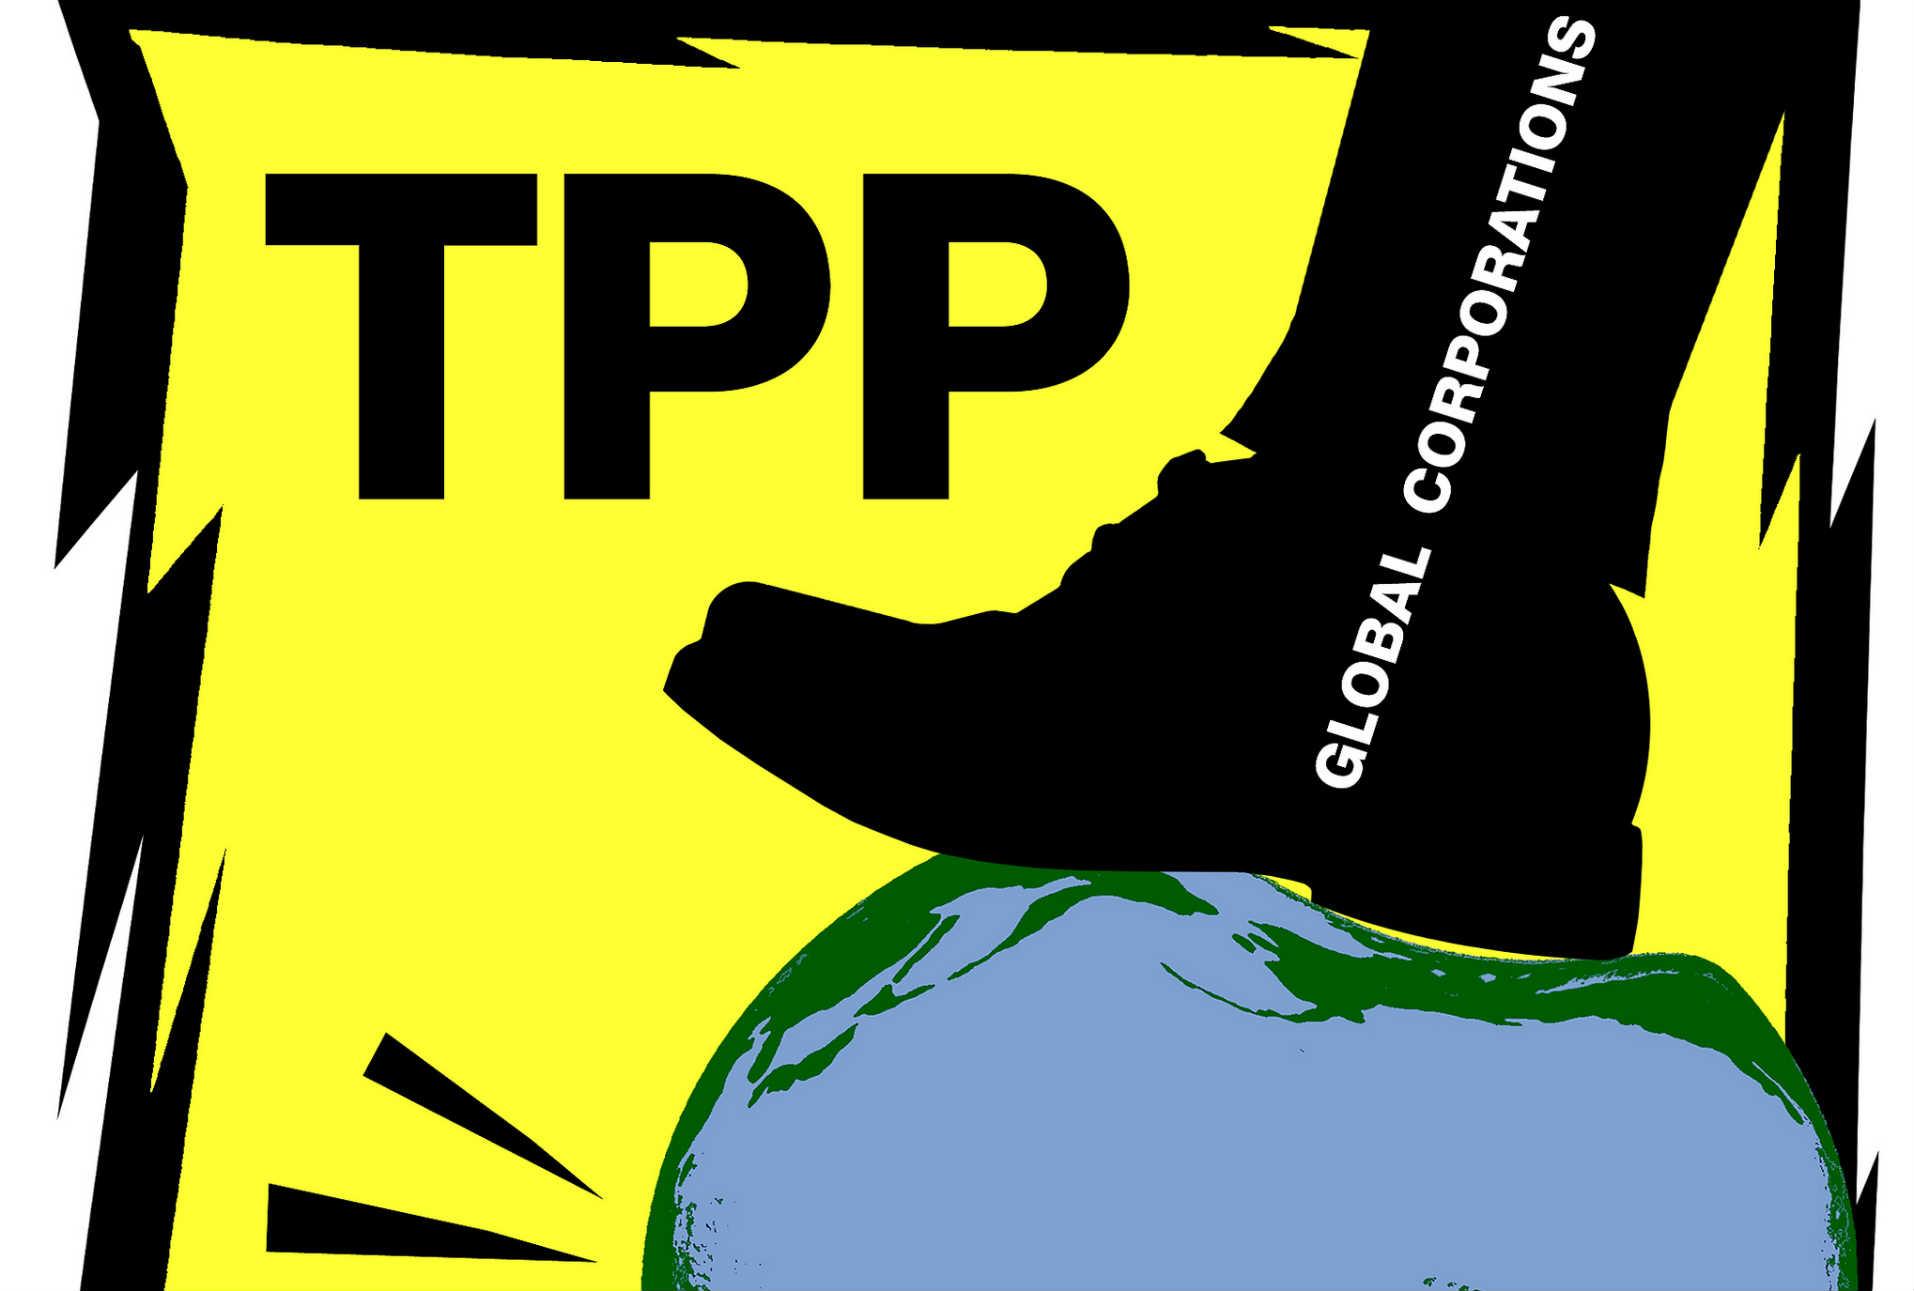 TPP: ¿cómo afecta a tus derechos digitales?